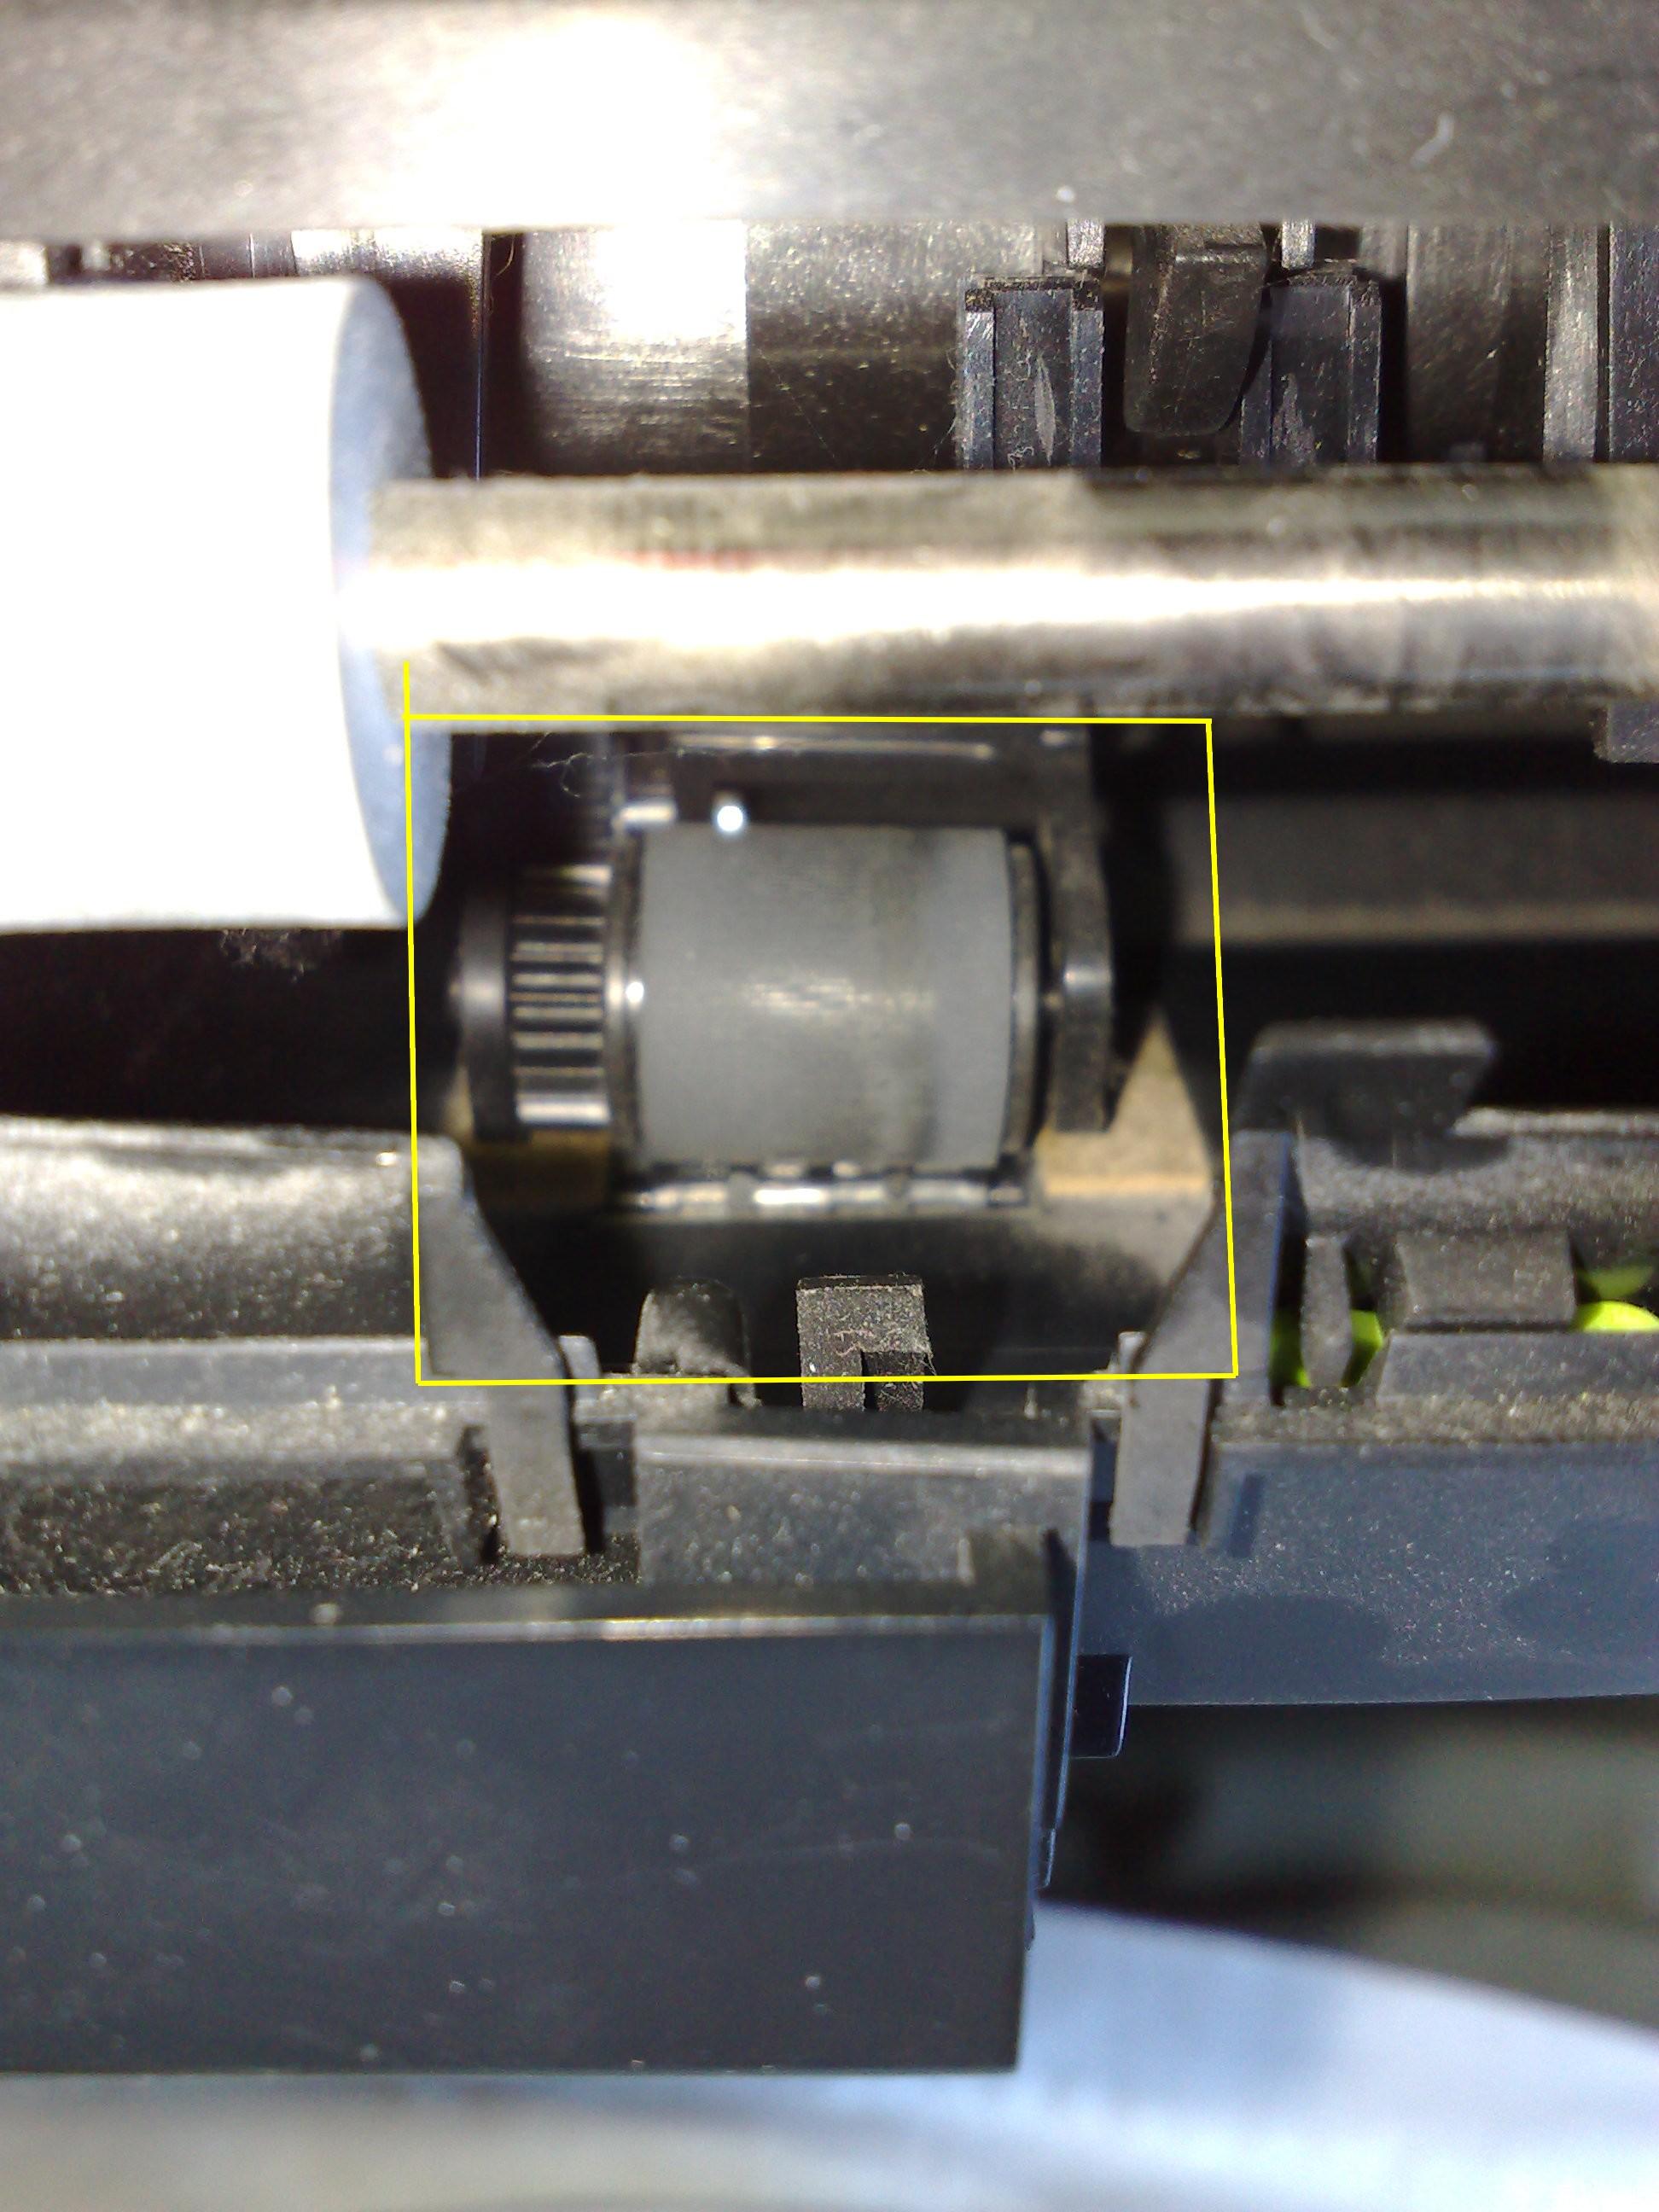 hp 5740 wci�ga zawsze po 2kartki papieru